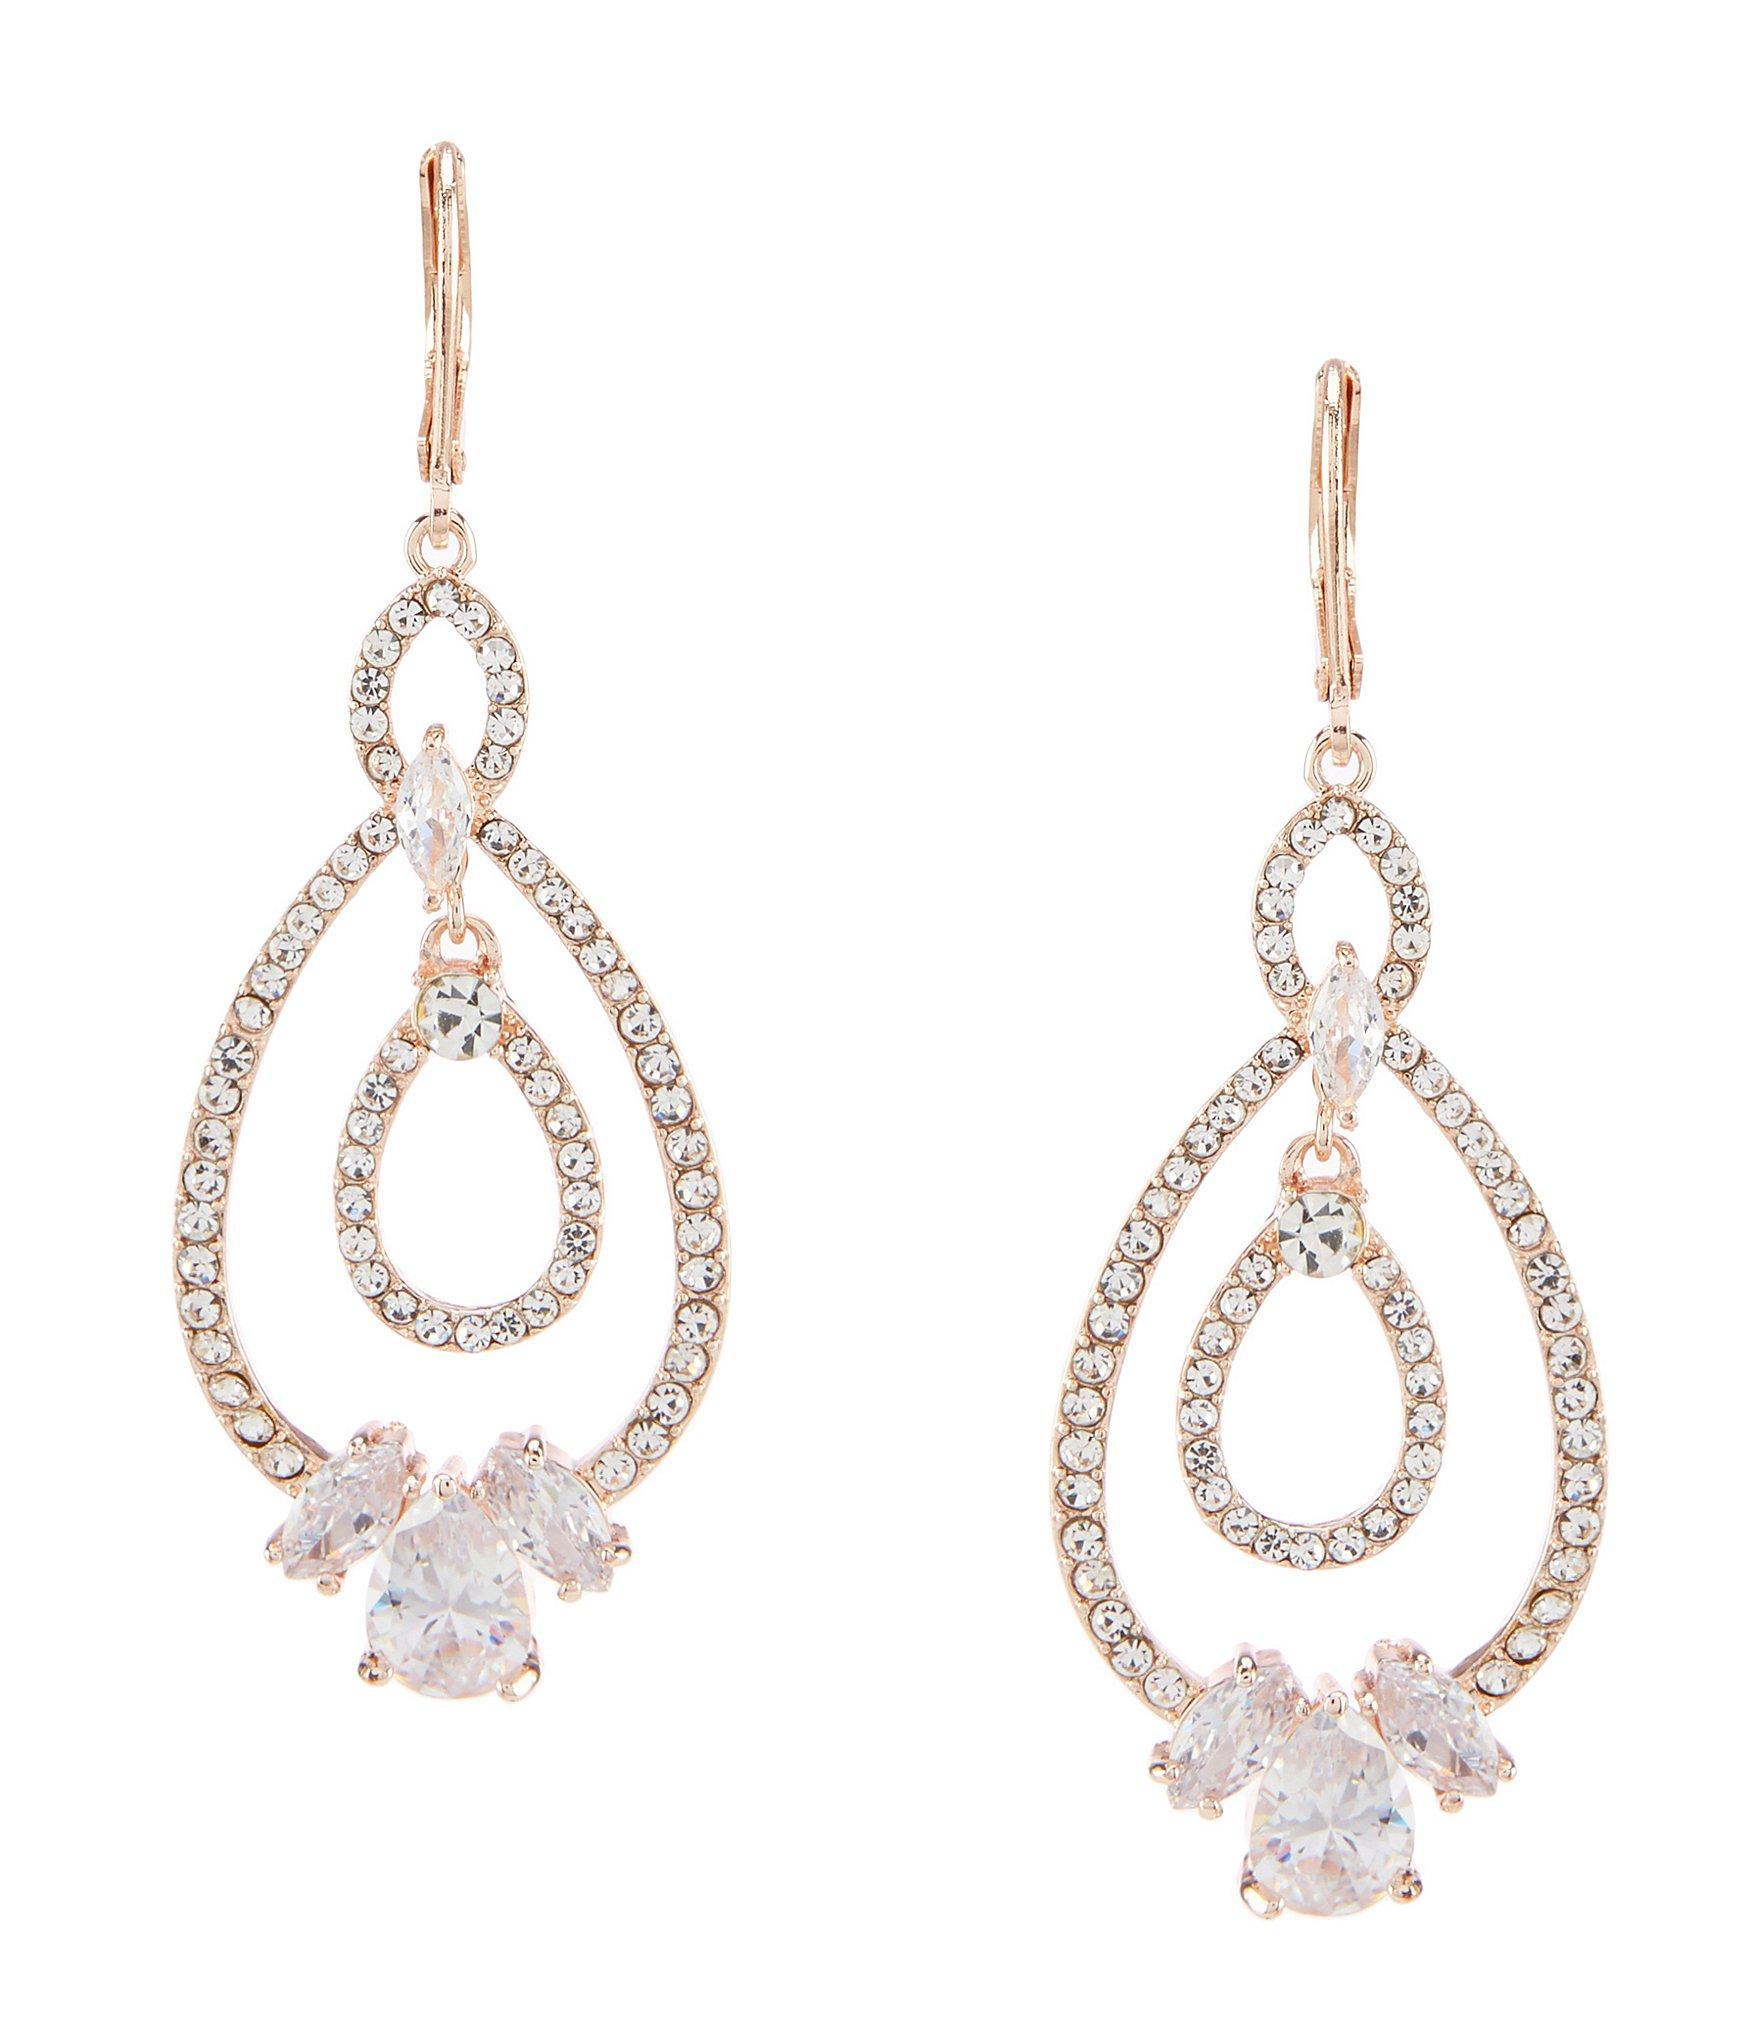 d2ea6e61bef47 Anne Klein Crystal Drop Earrings in Metallic - Lyst